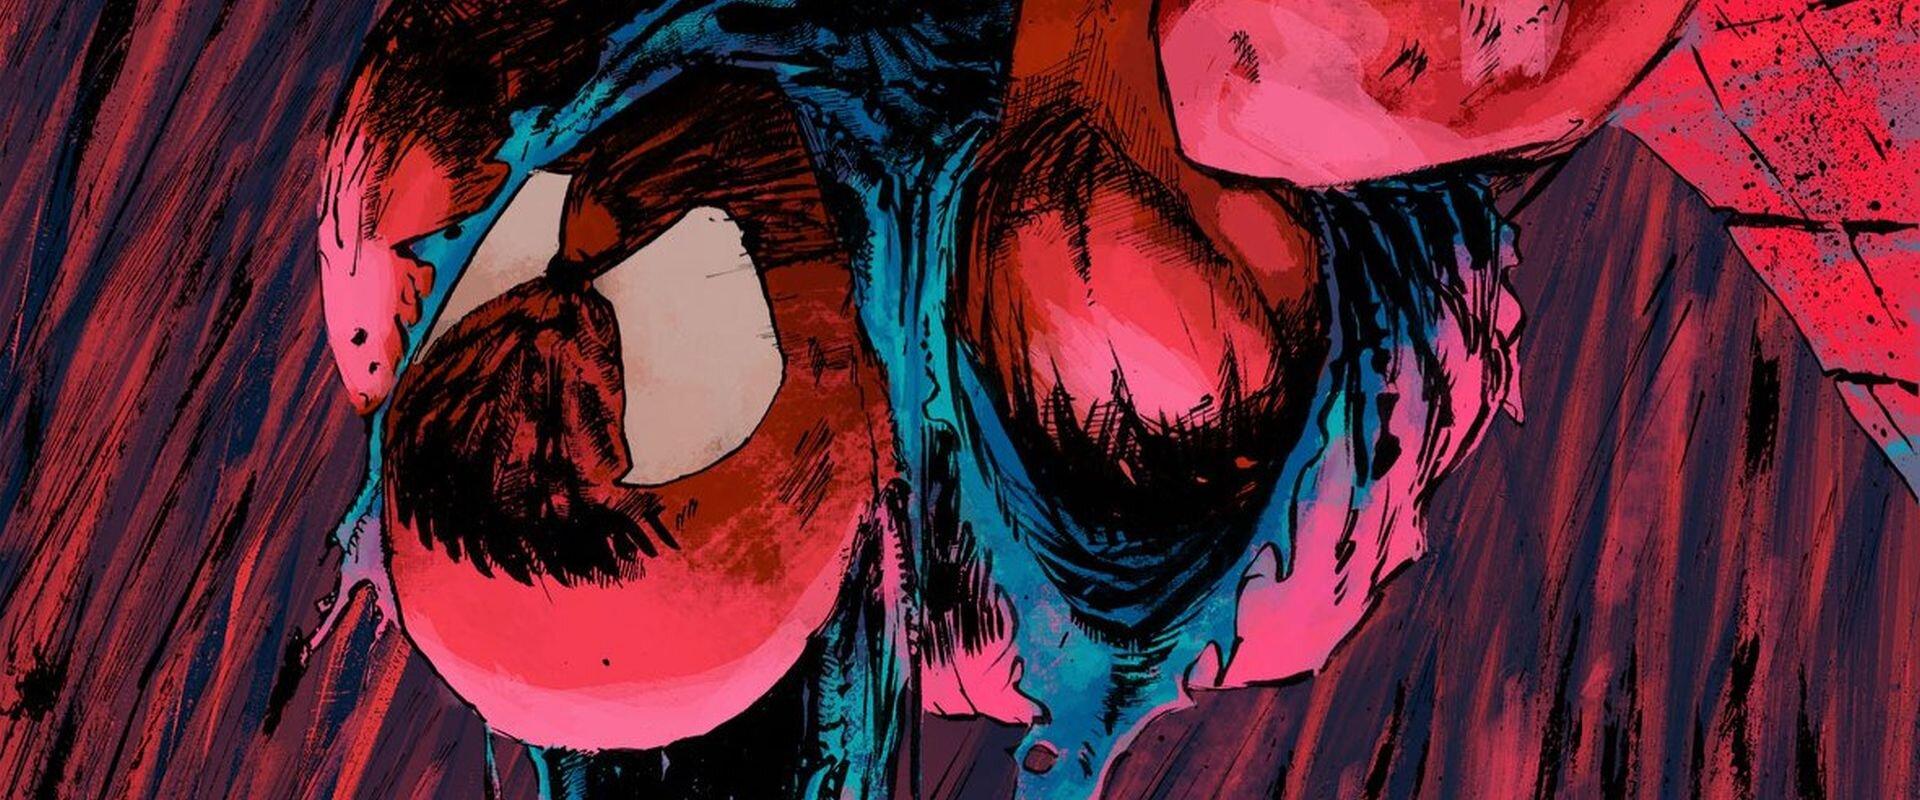 Wszyscy nasi Spider-Mani #003 – Marcin Medziński rysuje Człowieka-Pająka iopowiada okomiksach